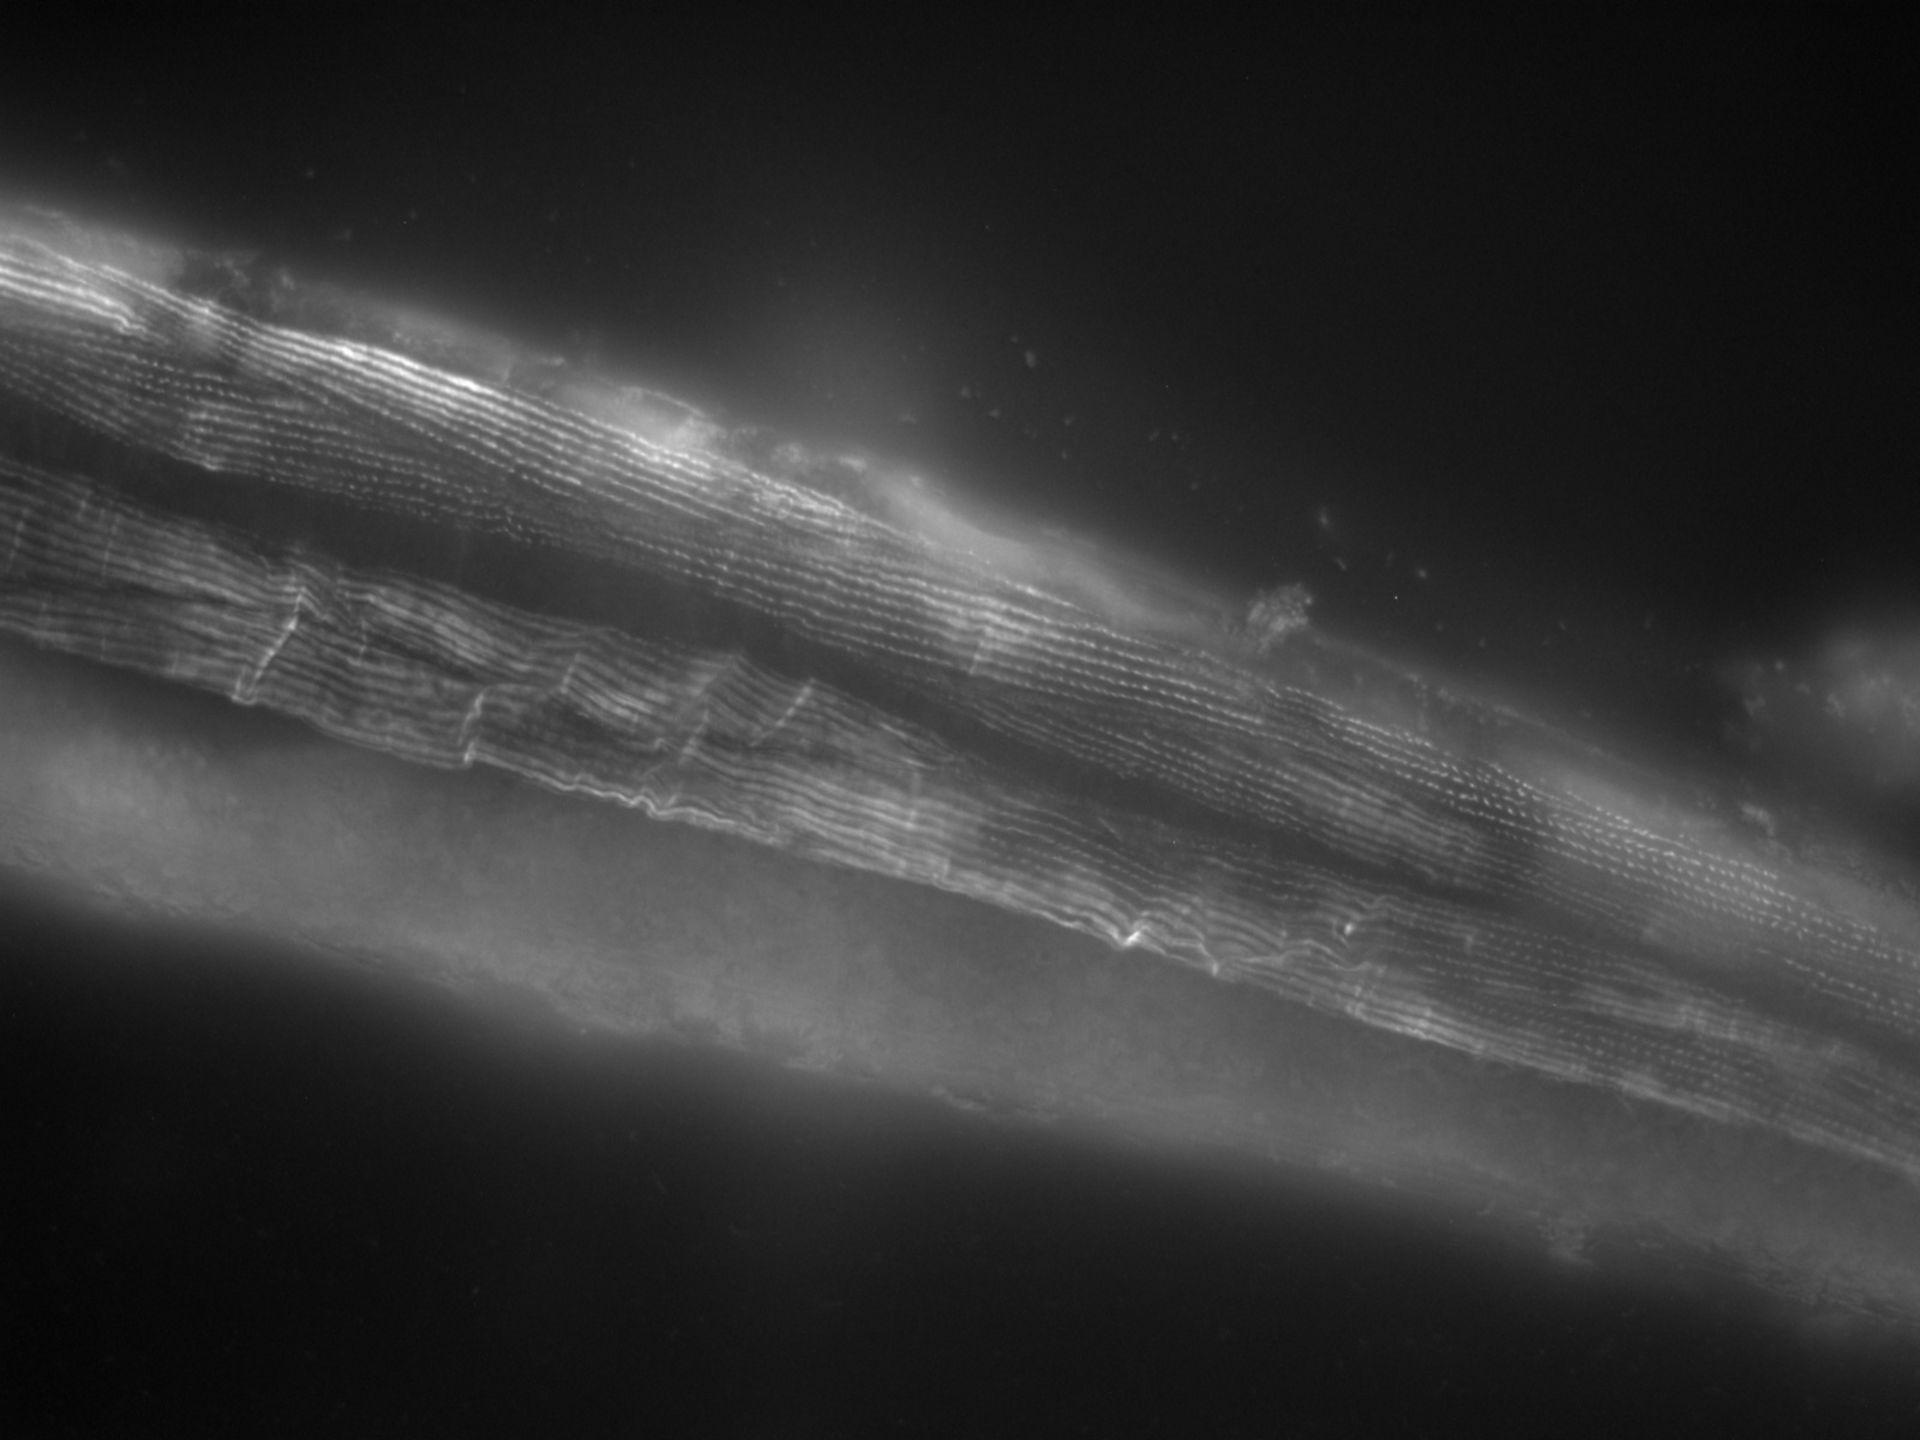 Caenorhabditis elegans (Actin filament) - CIL:1107